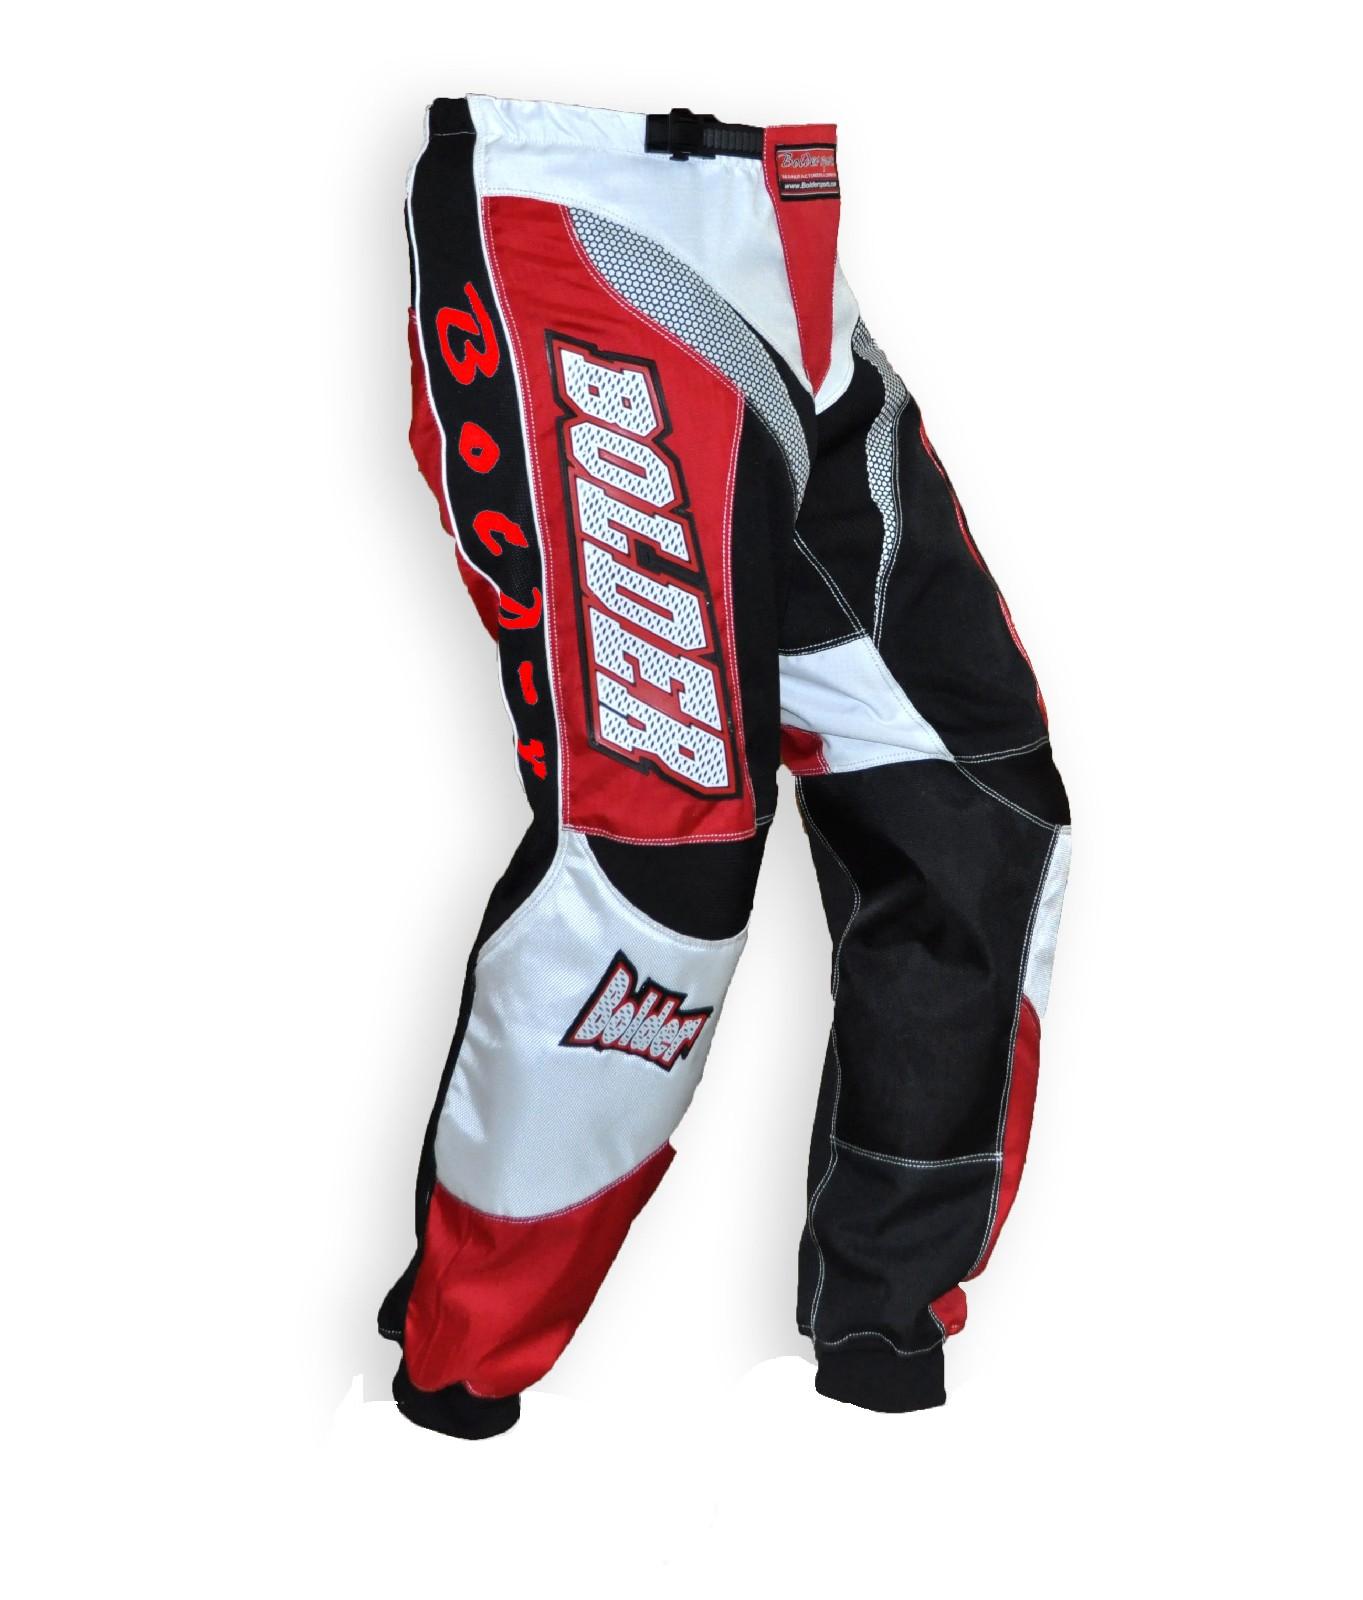 Kalhoty Motocross Kids černá/červená - Velikost: 18